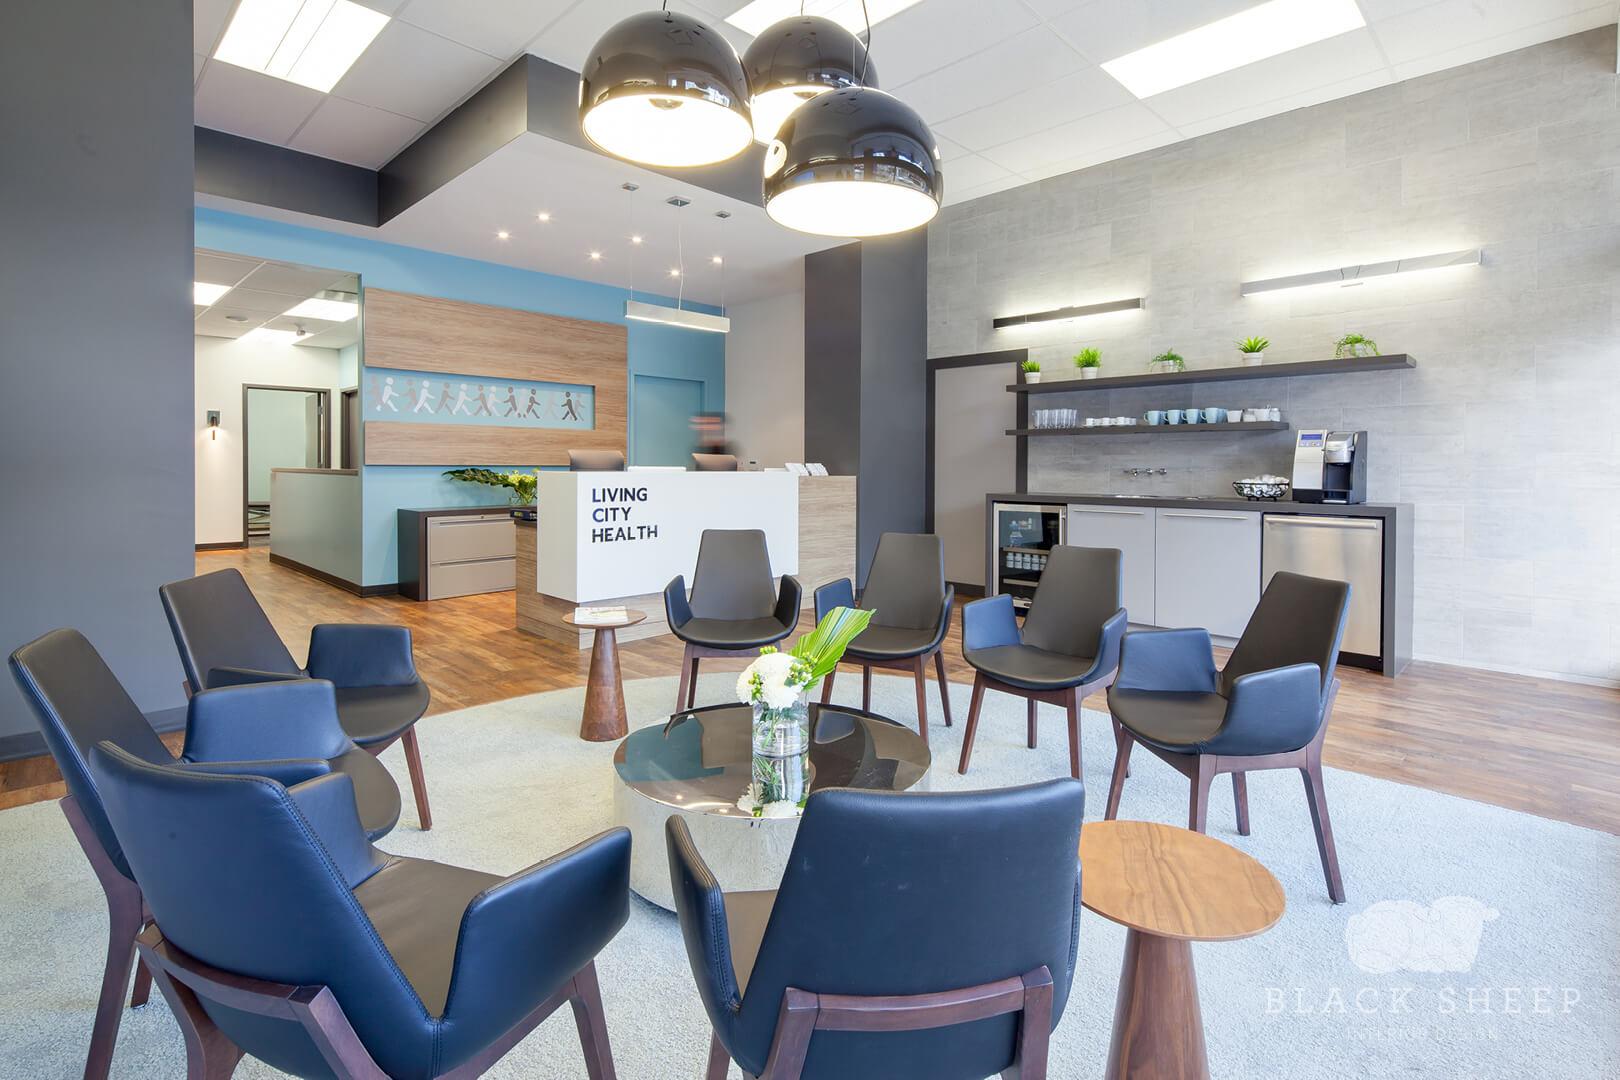 Black Sheep Interior Design - Living City Health 2